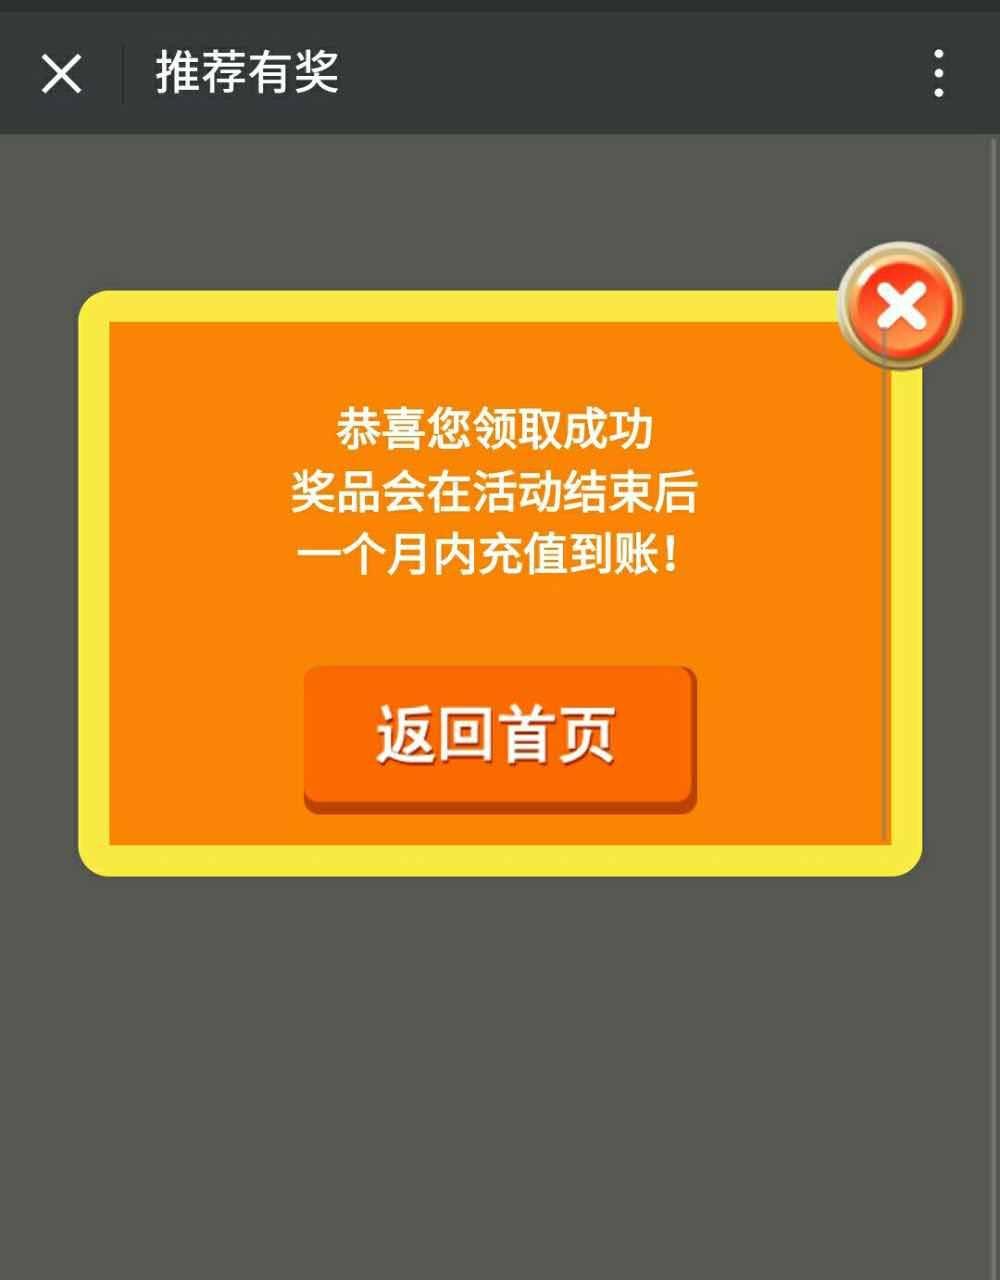 中国联通微信参与活动,轻松赢30元话费。 活动线报 第4张